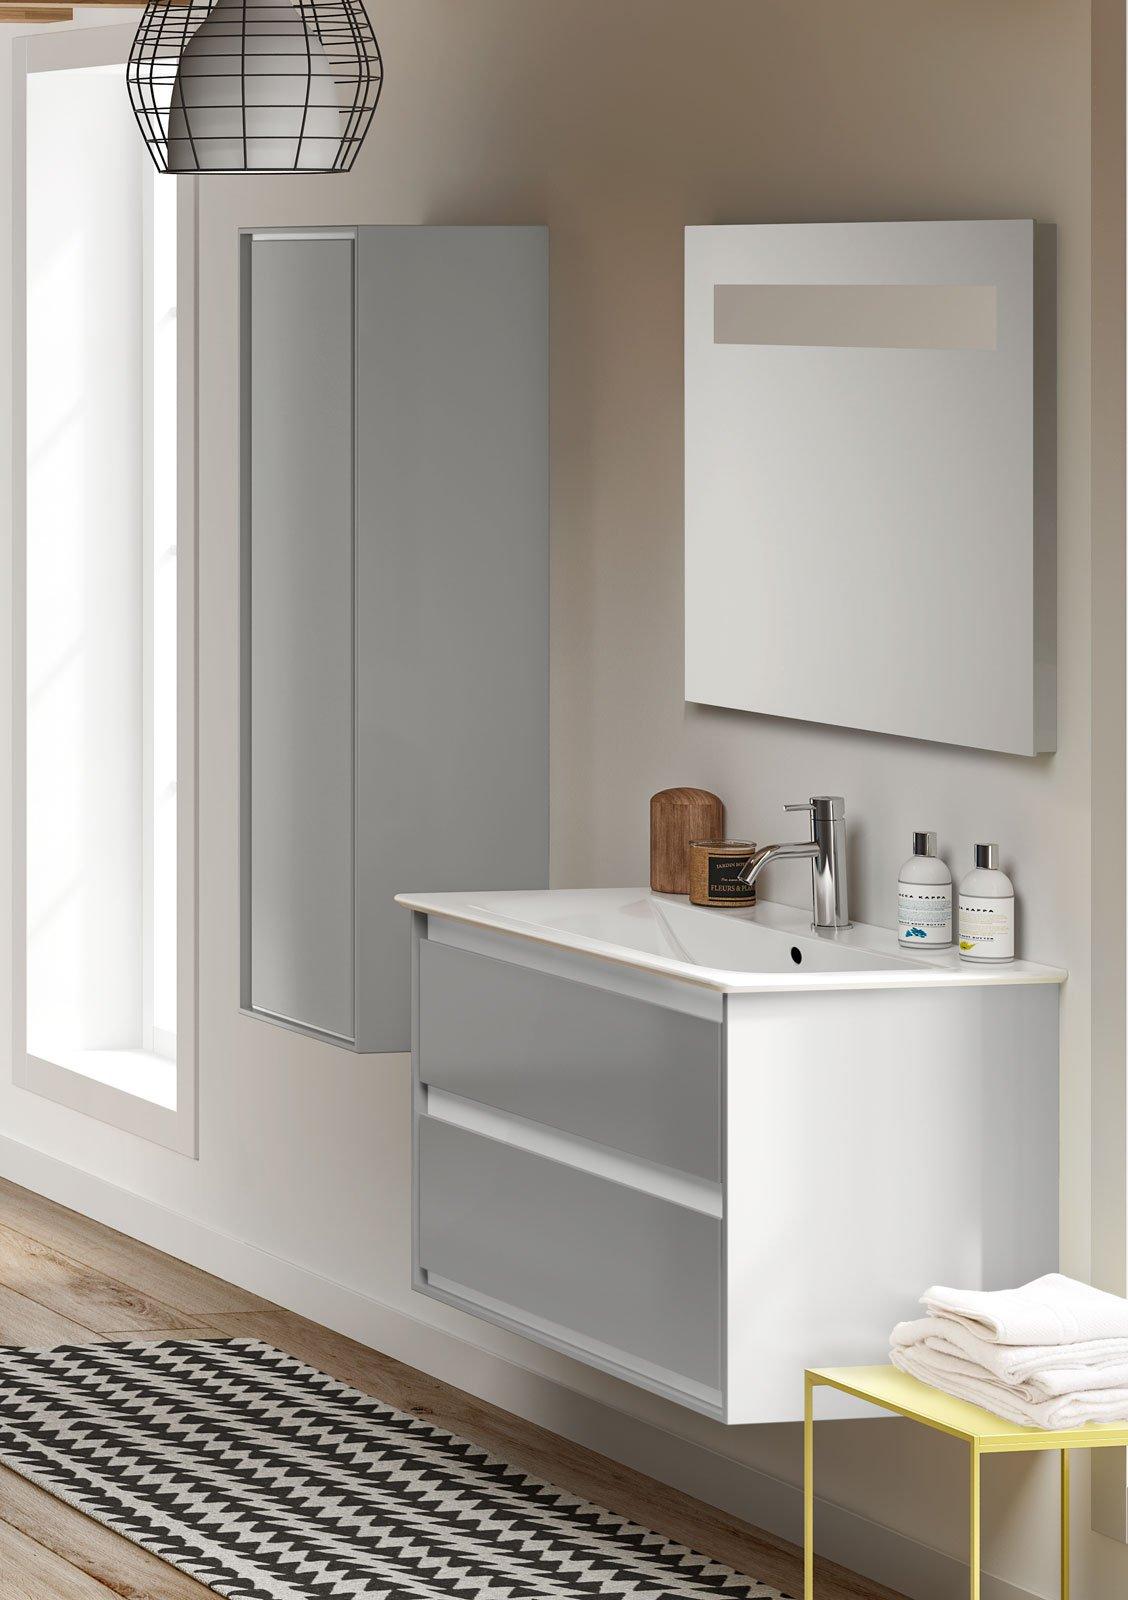 per il bagno light design per la nuova collezione connect air cose di casa. Black Bedroom Furniture Sets. Home Design Ideas